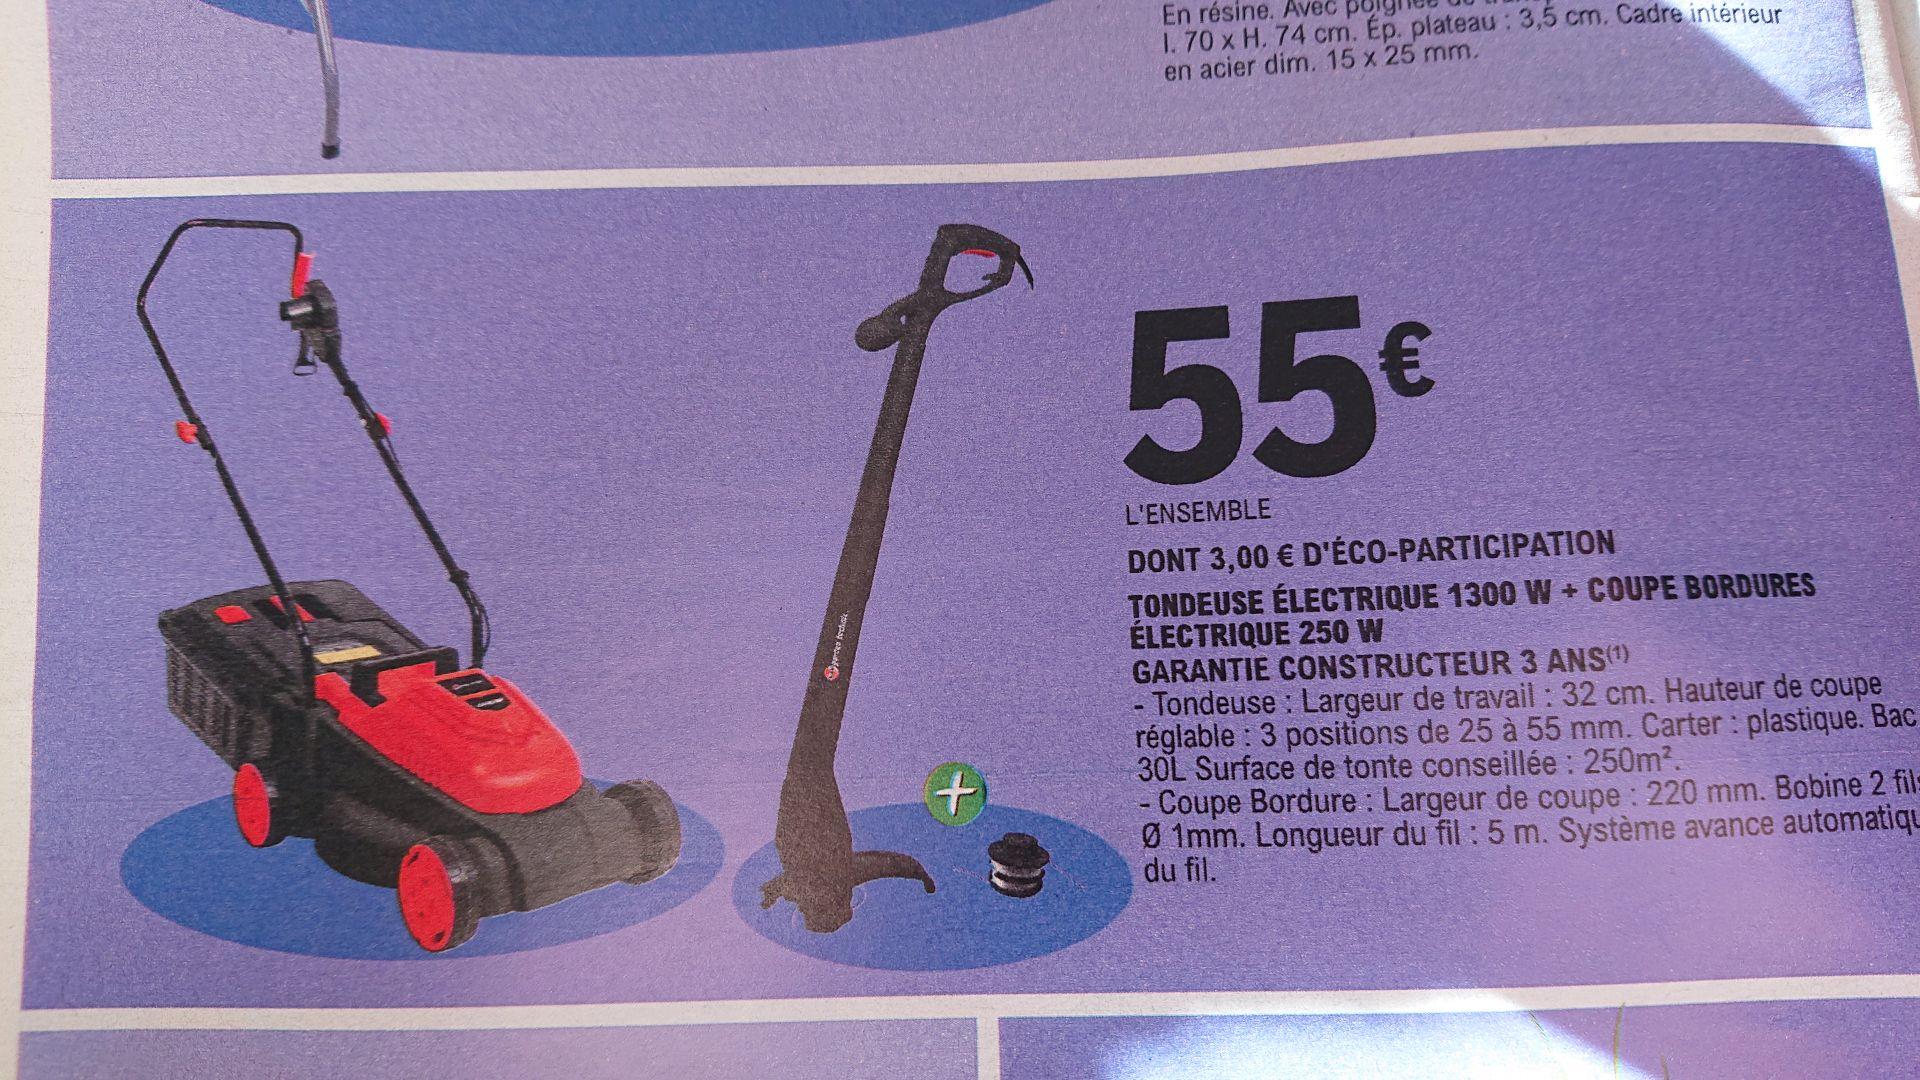 Tondeuse 1300W + Coupe bordure 250W électrique filaires - Garantie 3ans